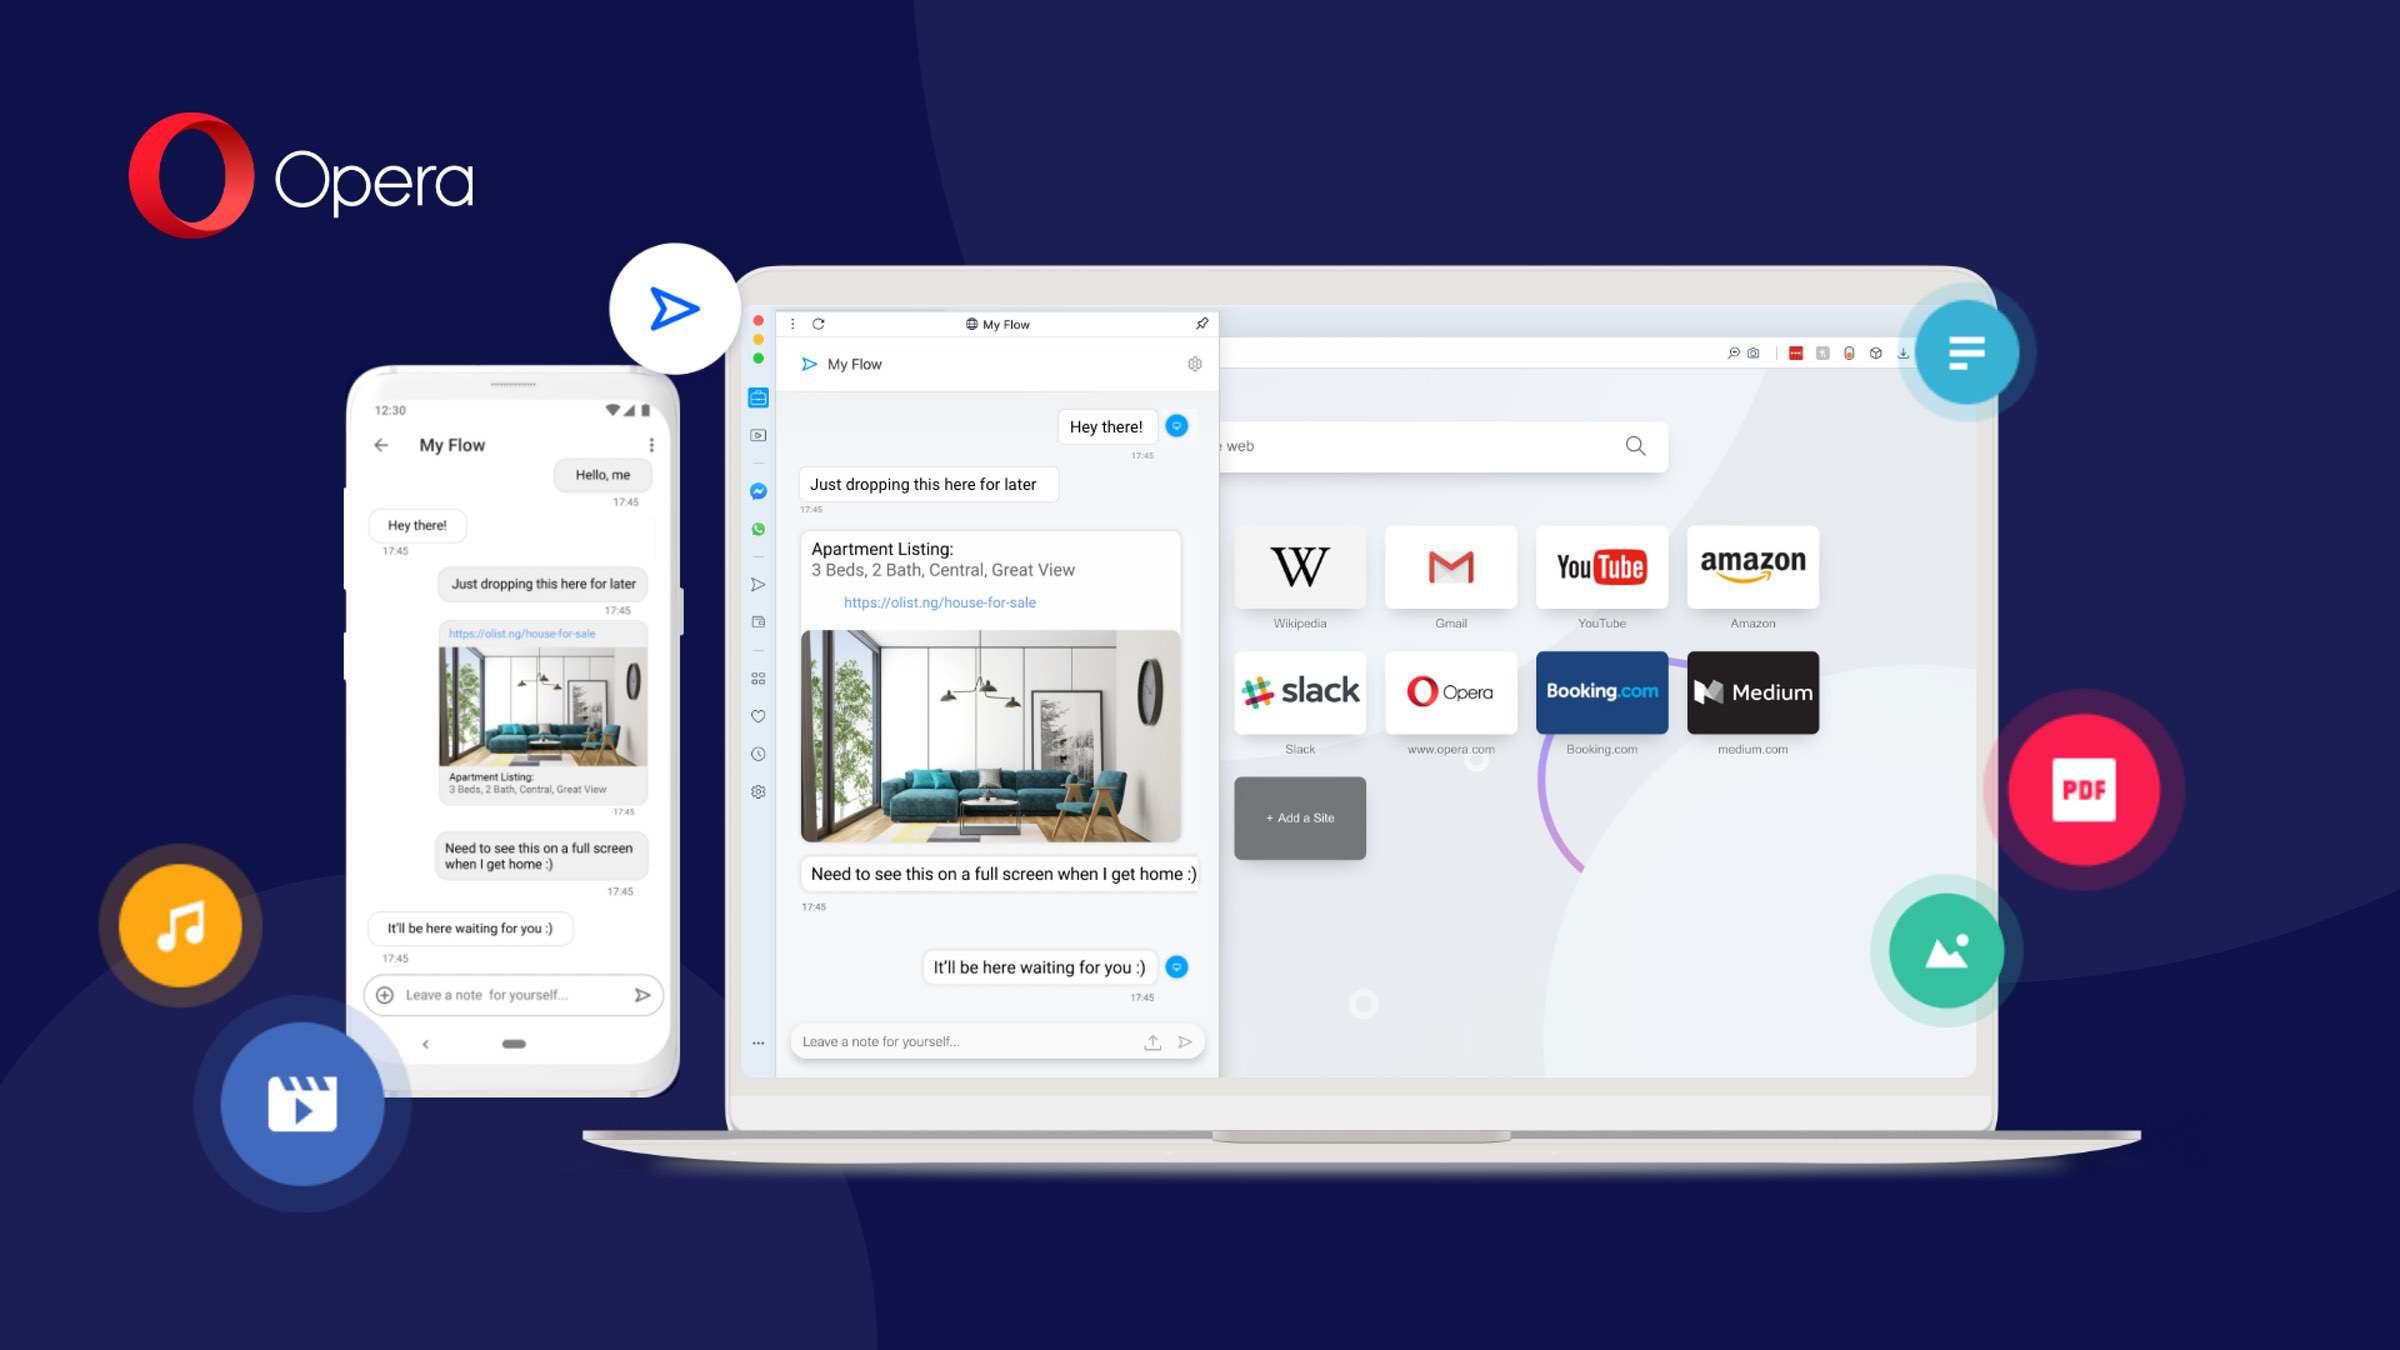 Opera für Android 60+ – Neue Synchronisation zwischen PC und Android Smartphone